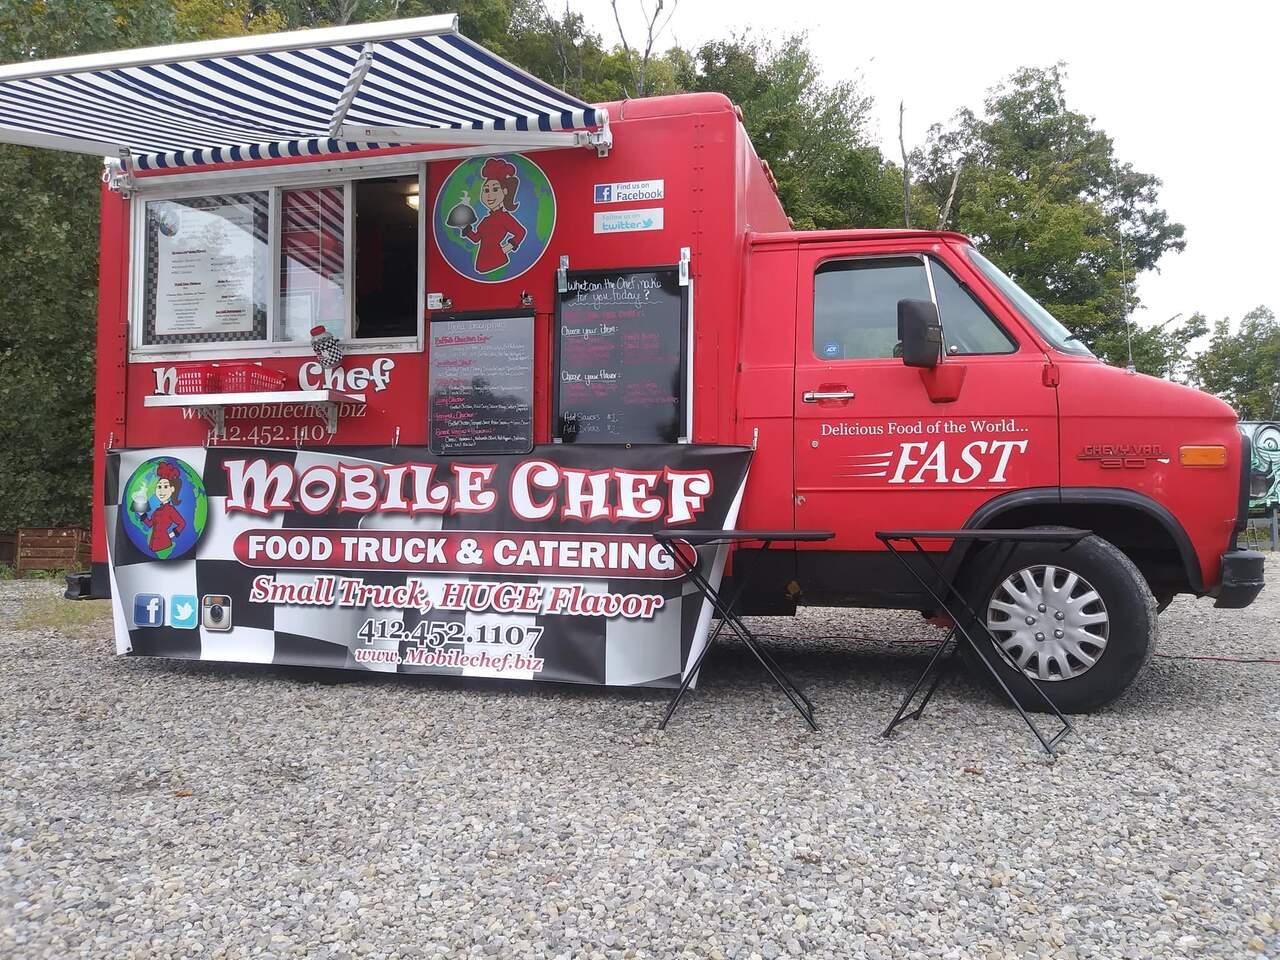 Mobile Chef